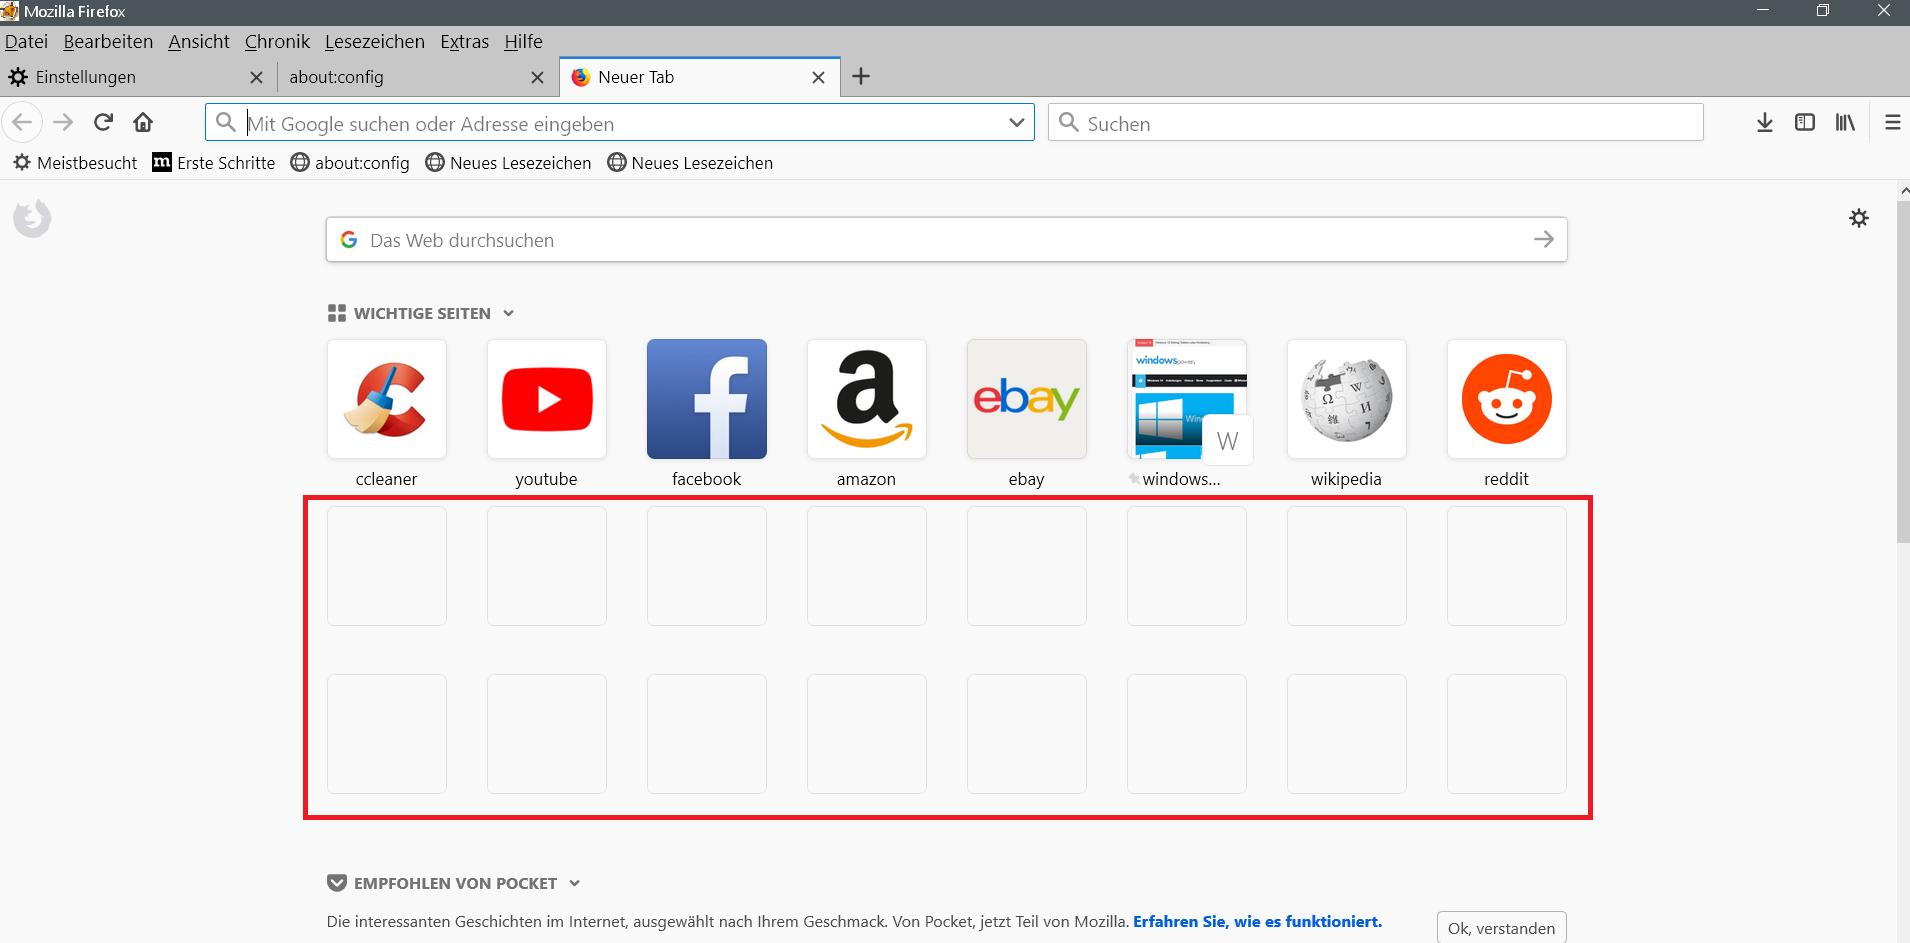 3 reihen - Firefox Neuer Tab Wichtige Seiten mehr Einträge